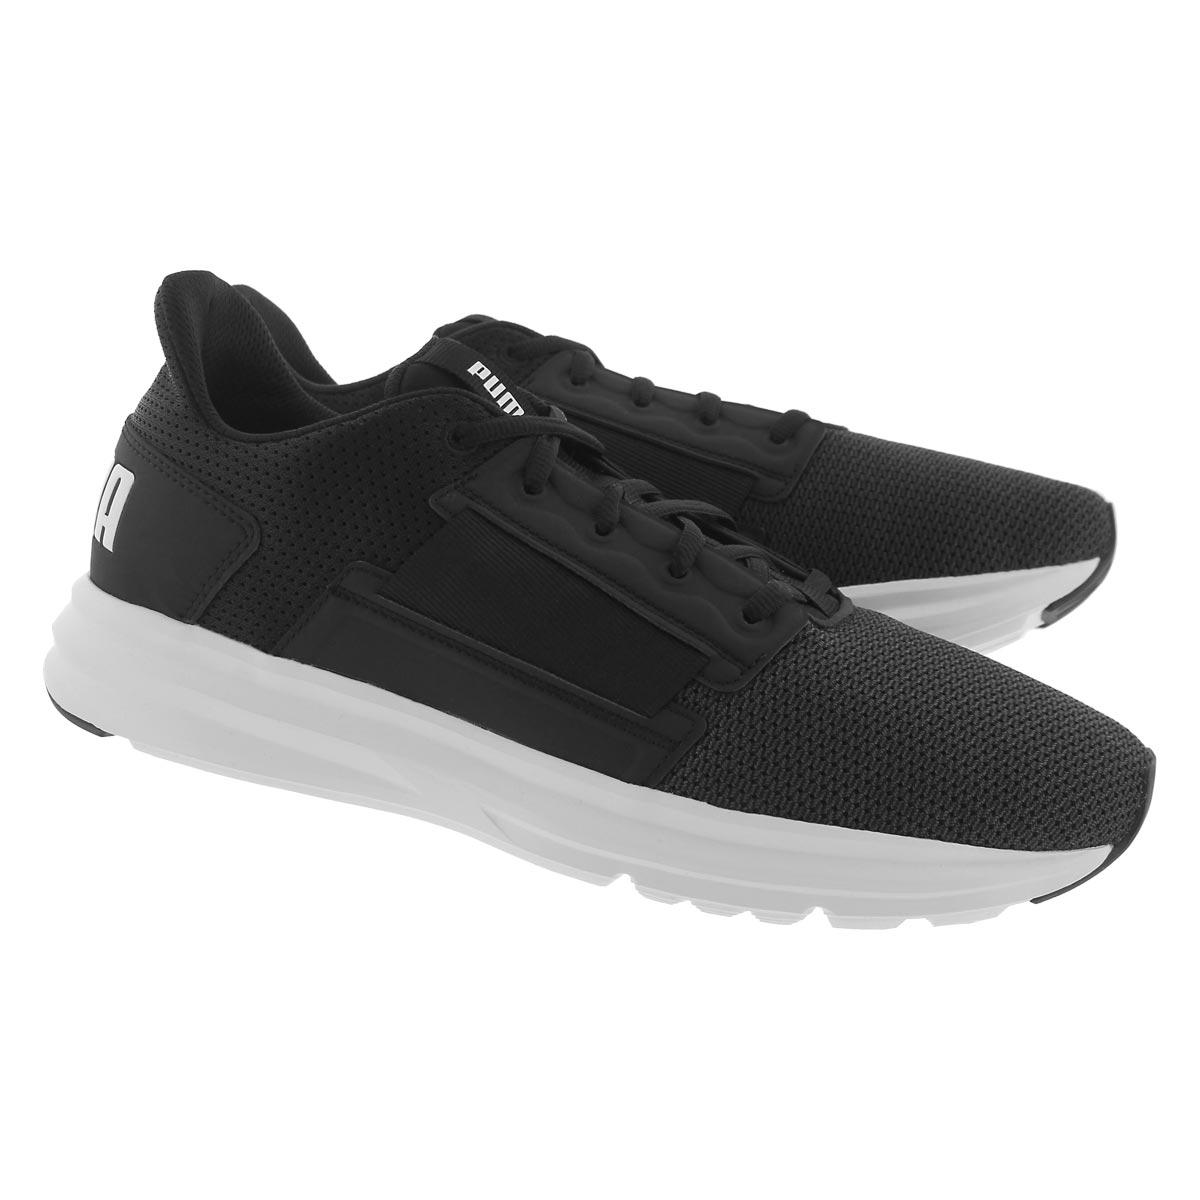 Mns Enzo Street black sneaker